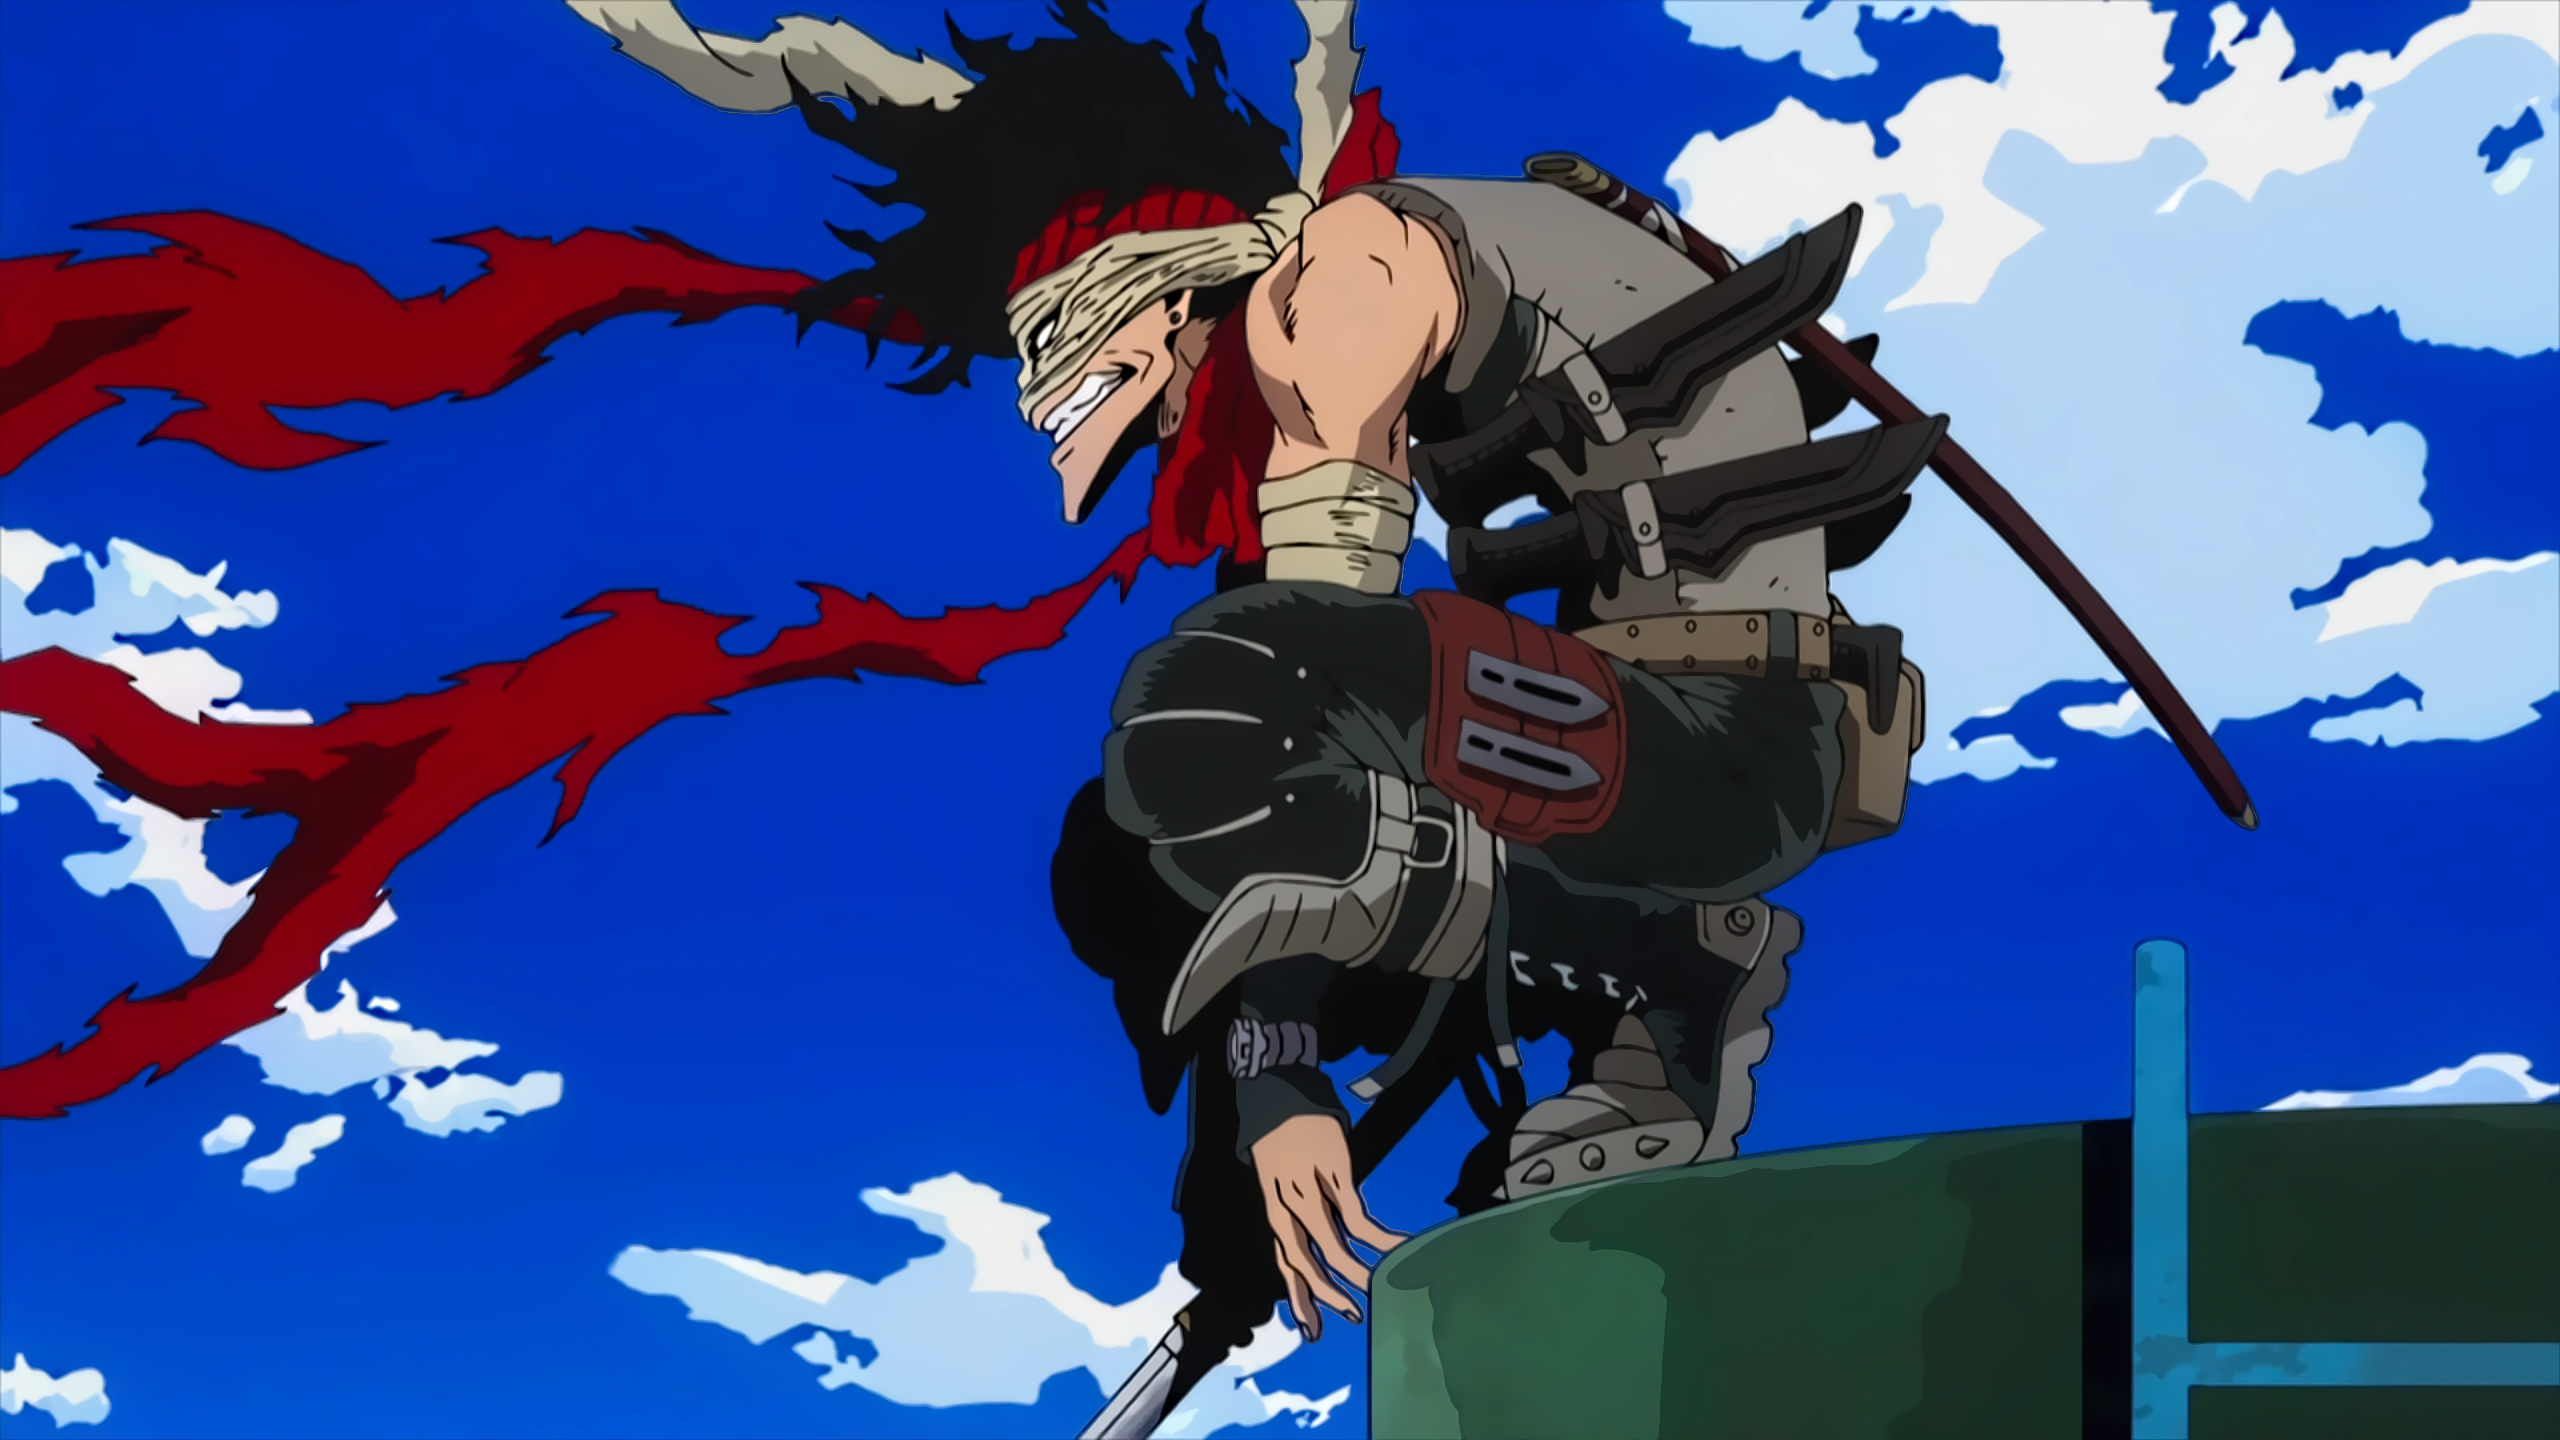 Hd wallpaper boku no hero academia - Anime My Hero Academia Stain Boku No Hero Academia Chizome Akaguro Boku No